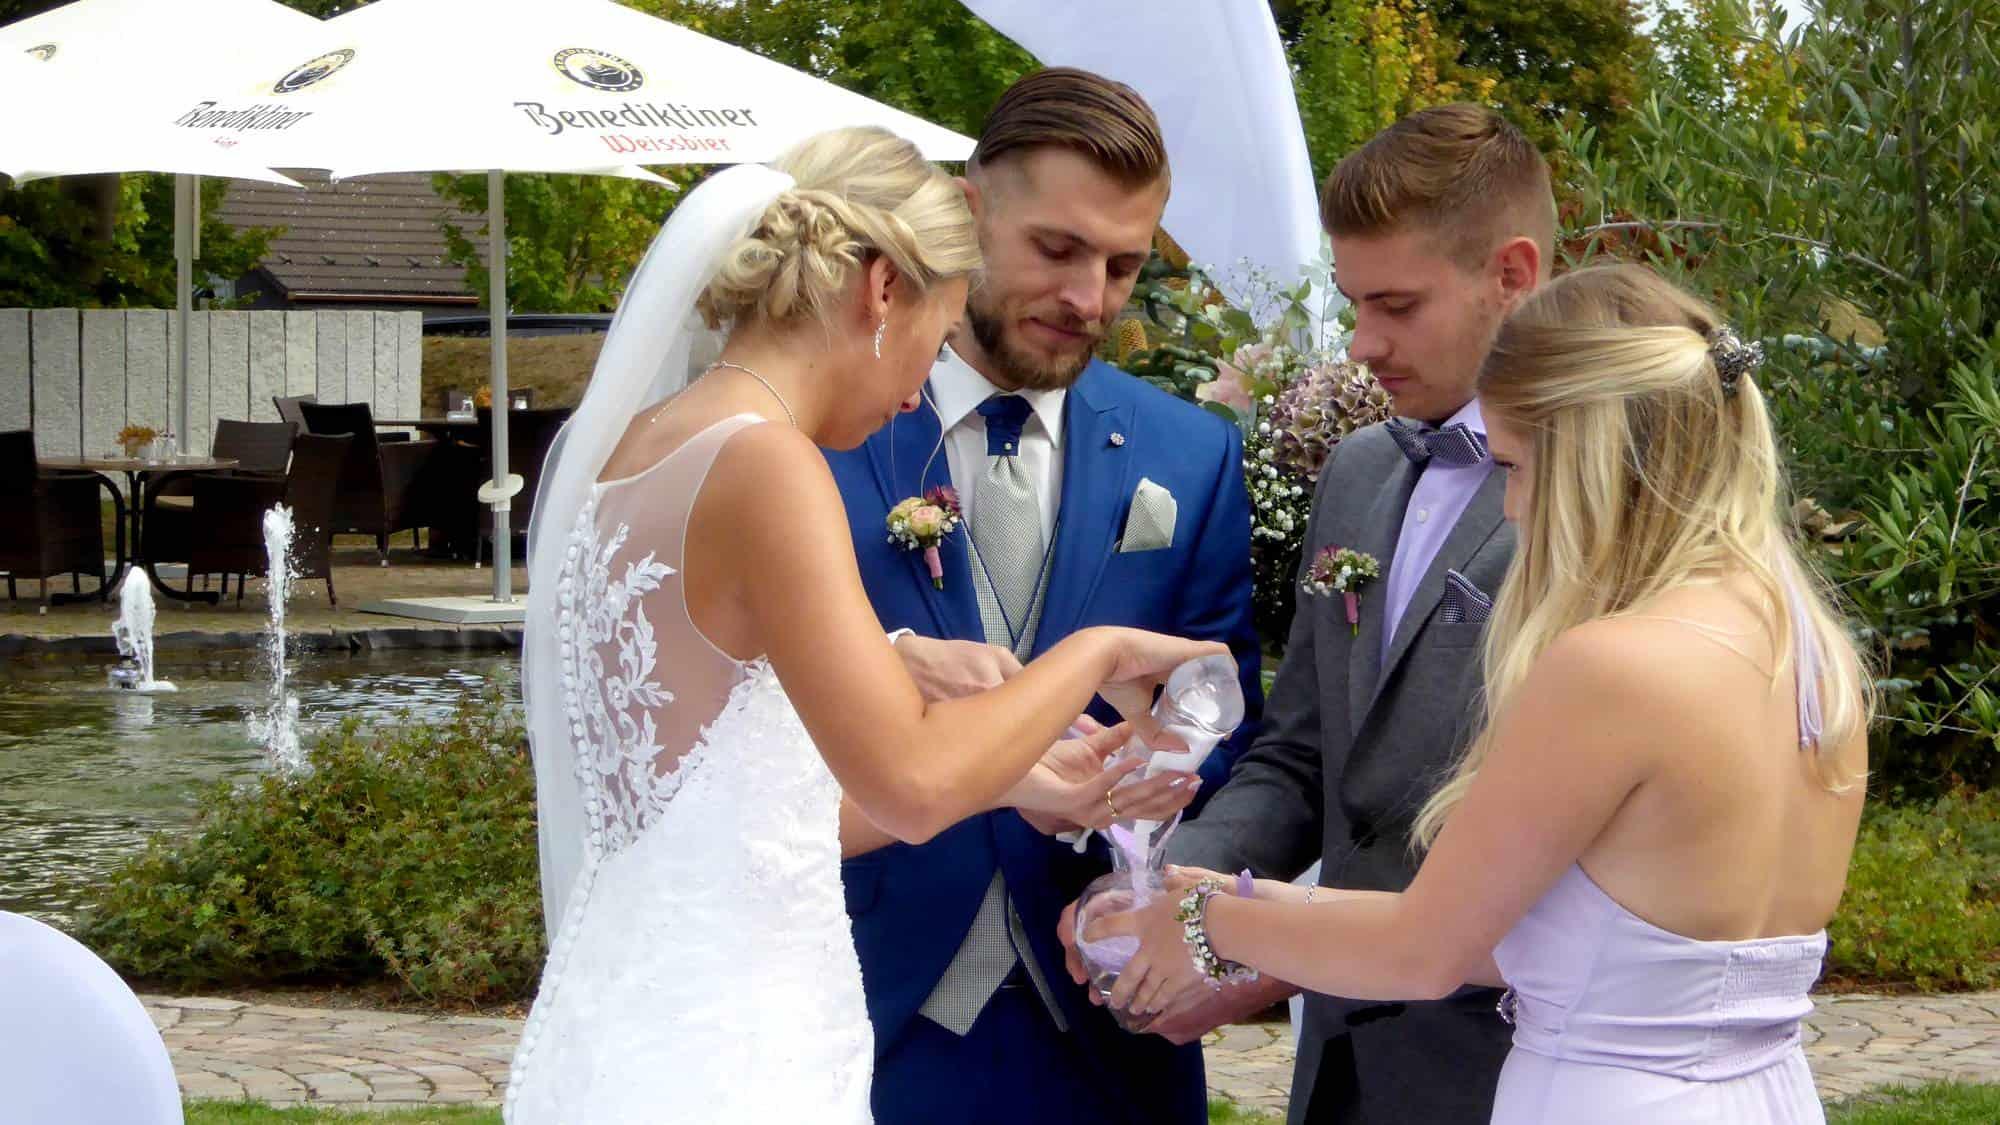 Das Sandritual bei der Hochzeitszeremonie